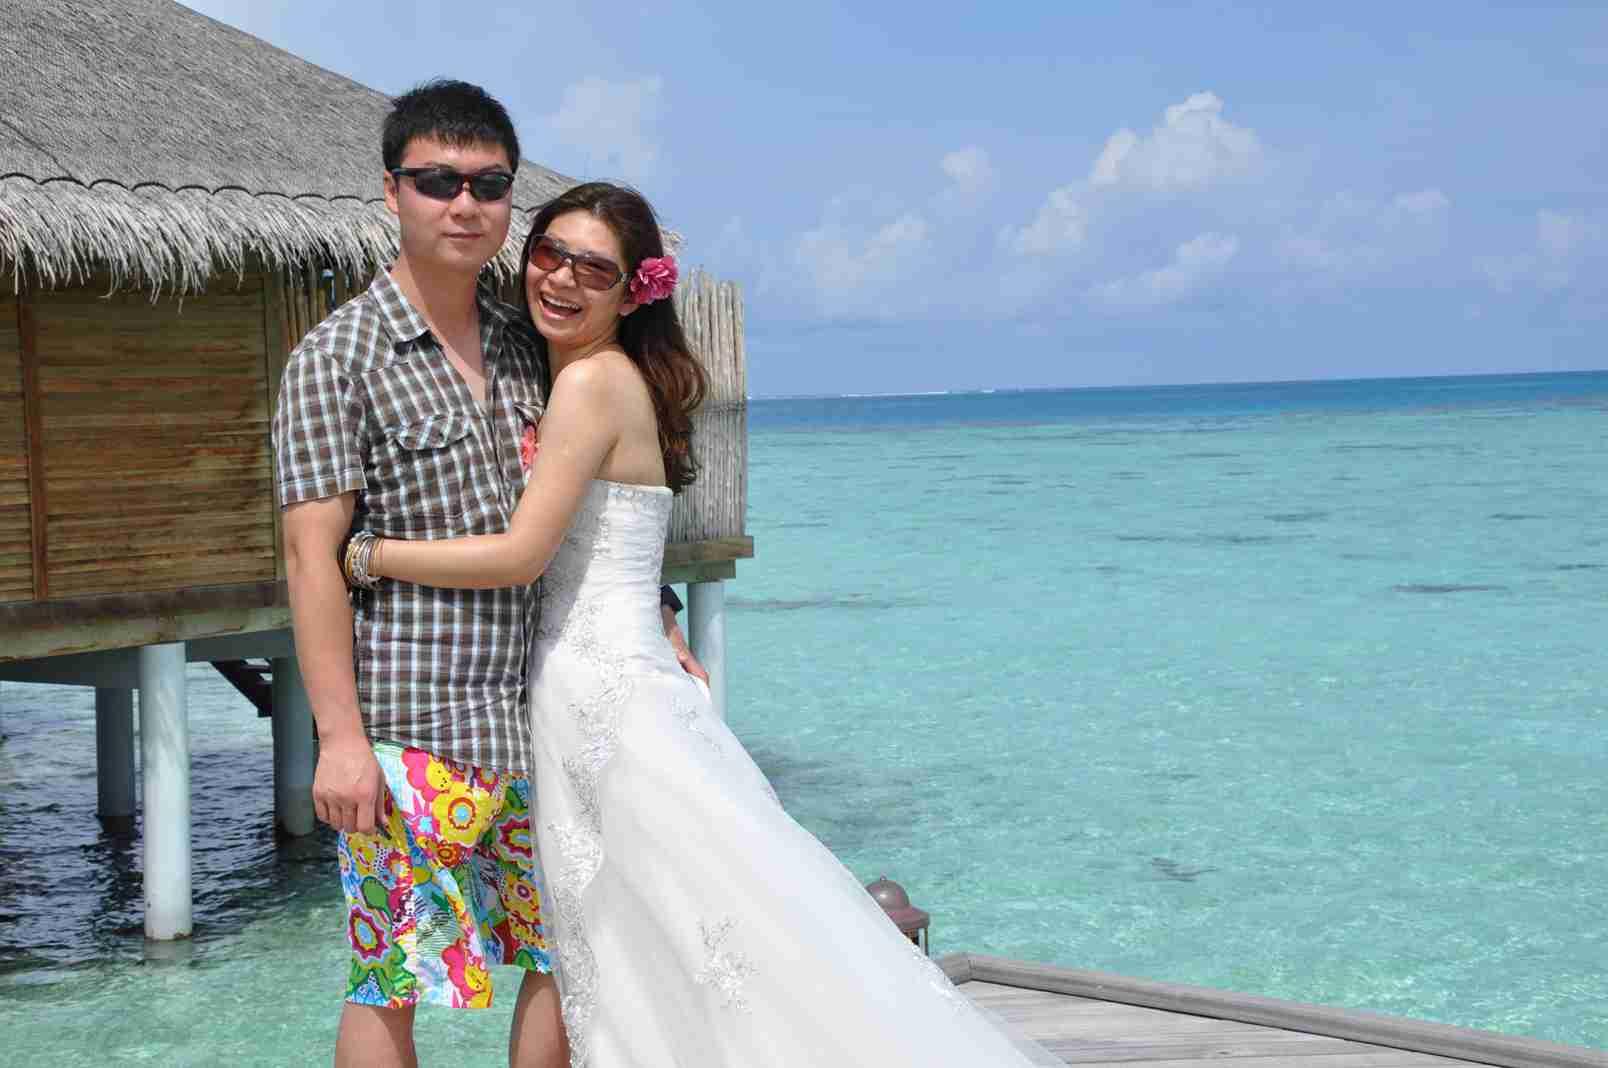 【走吧,去海岛】我的蜜月旅行---马尔代夫